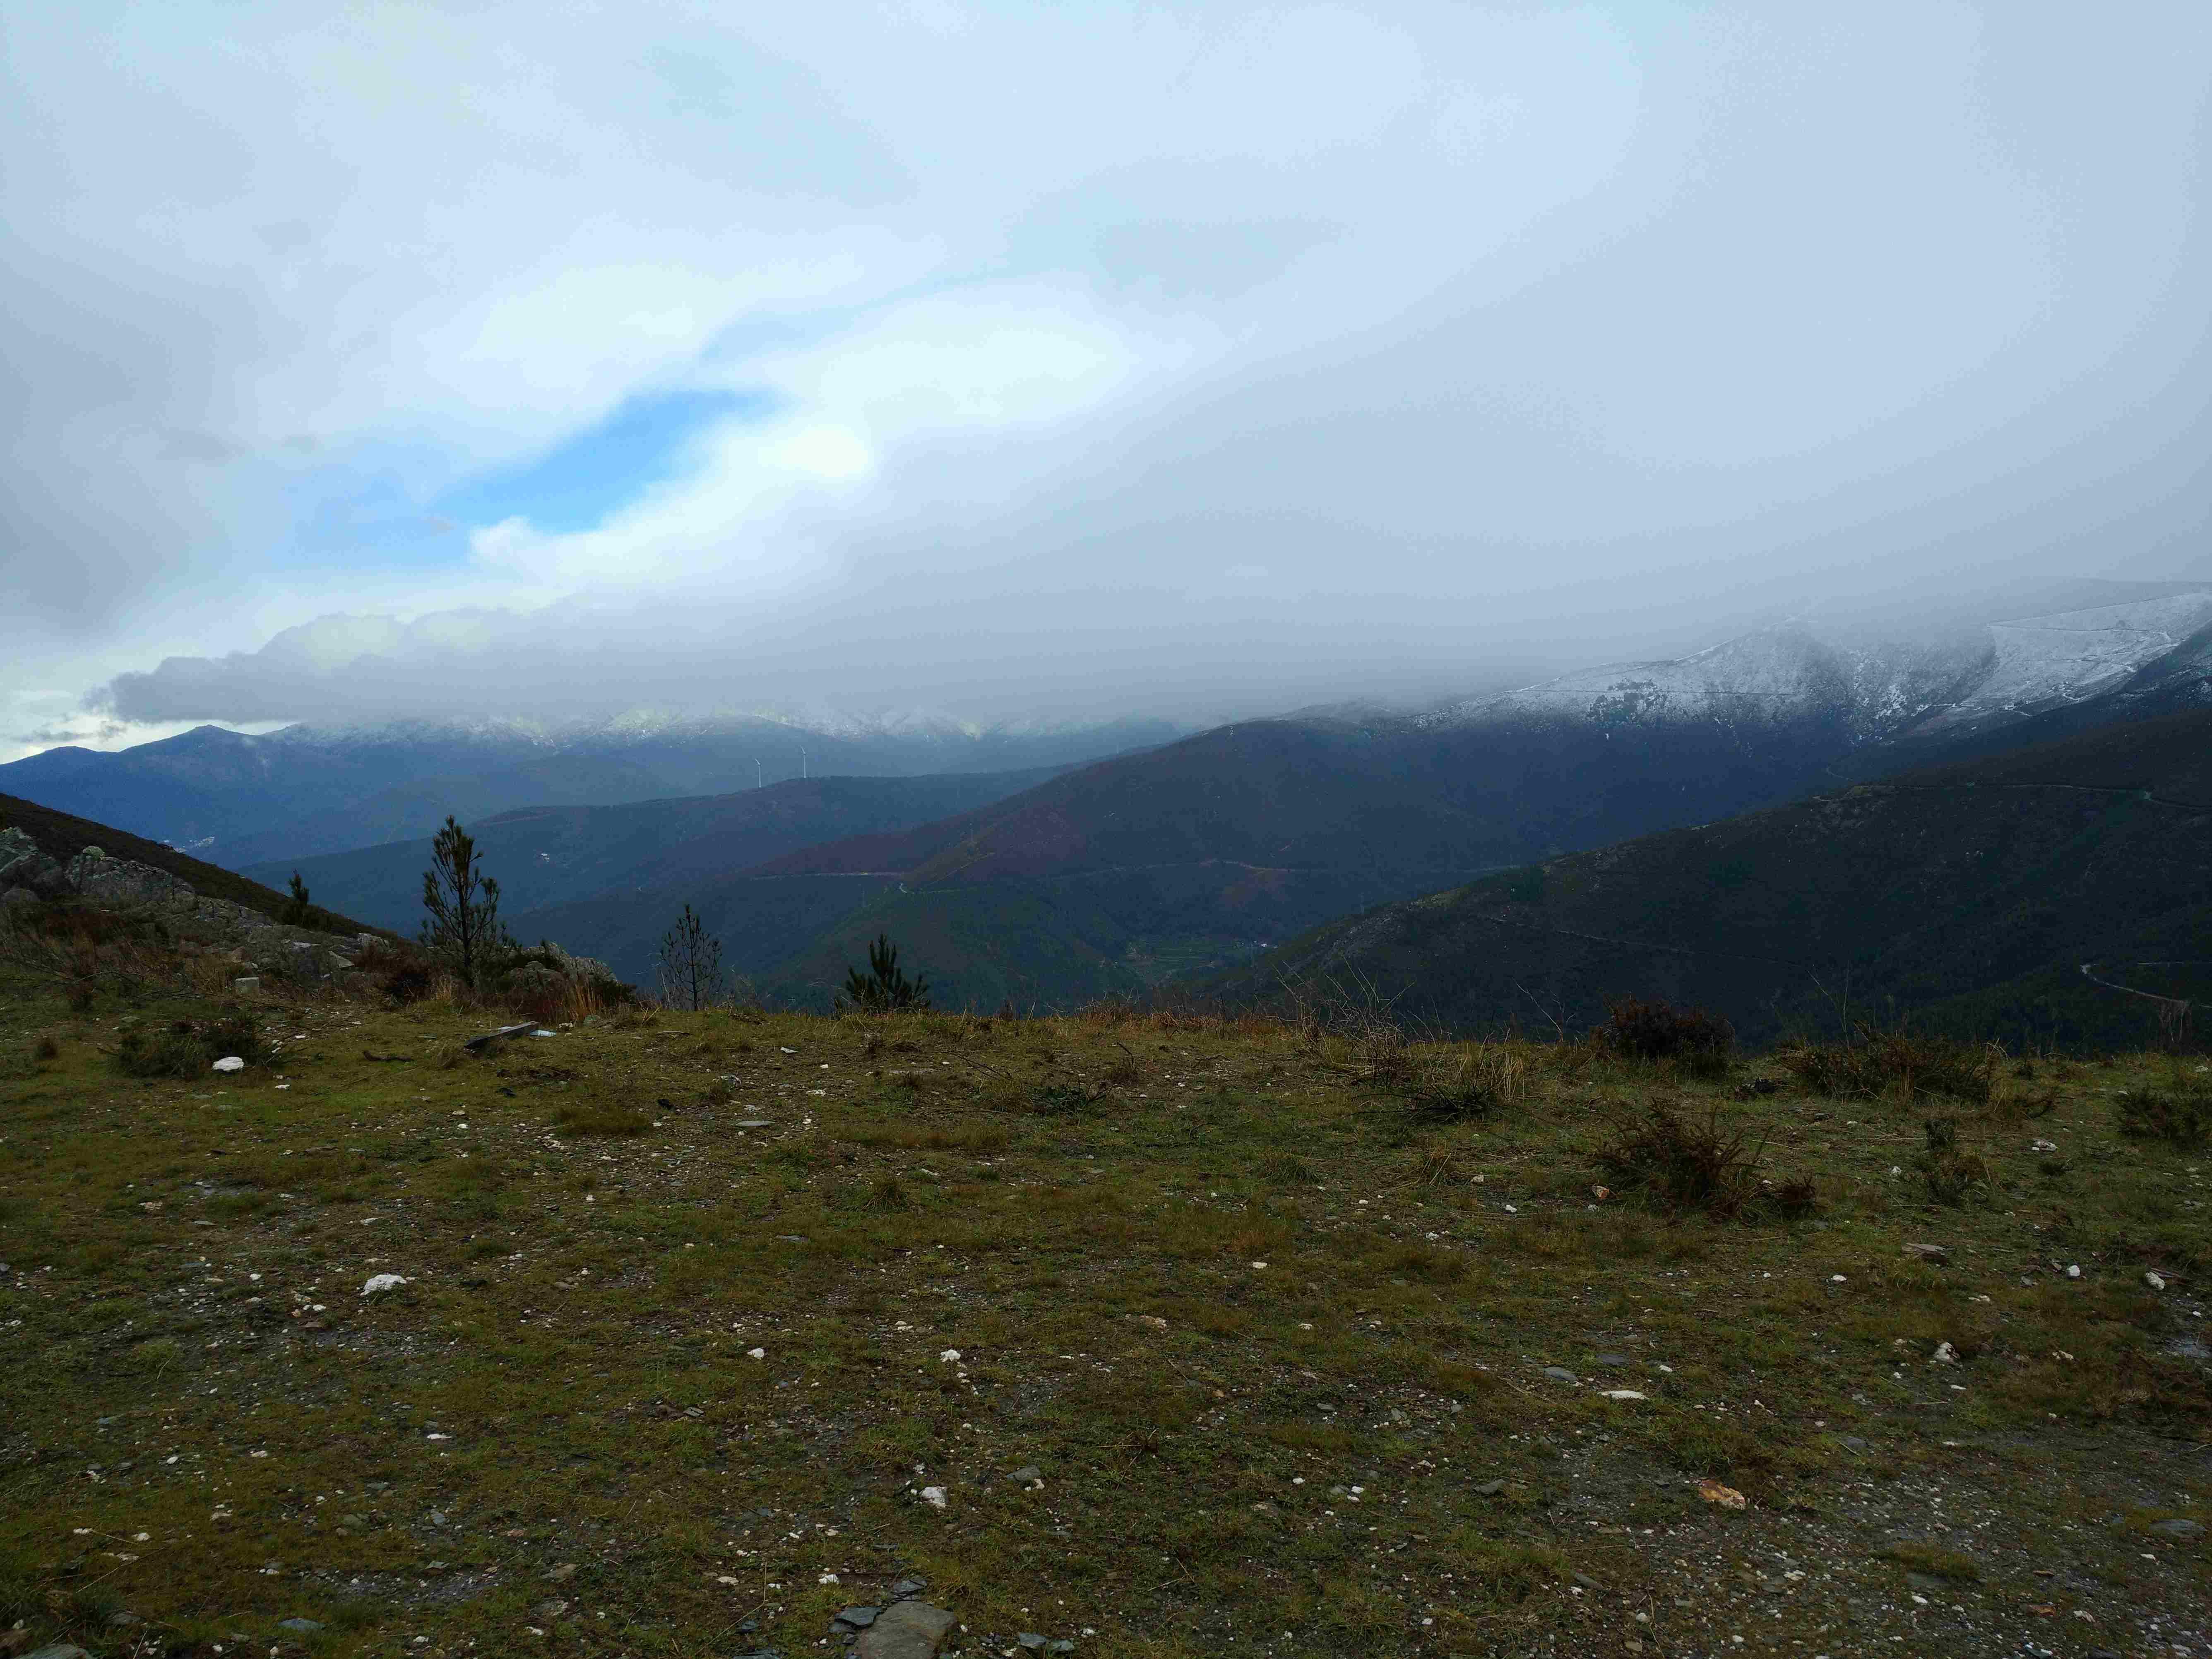 Neve na Serra da Estrela, perto do Piódão na estrada municipal no sentido Côja - Piódão a partir dos Penedos Altos vista de oeste para este, no Sábado, 25 de Março de 2017